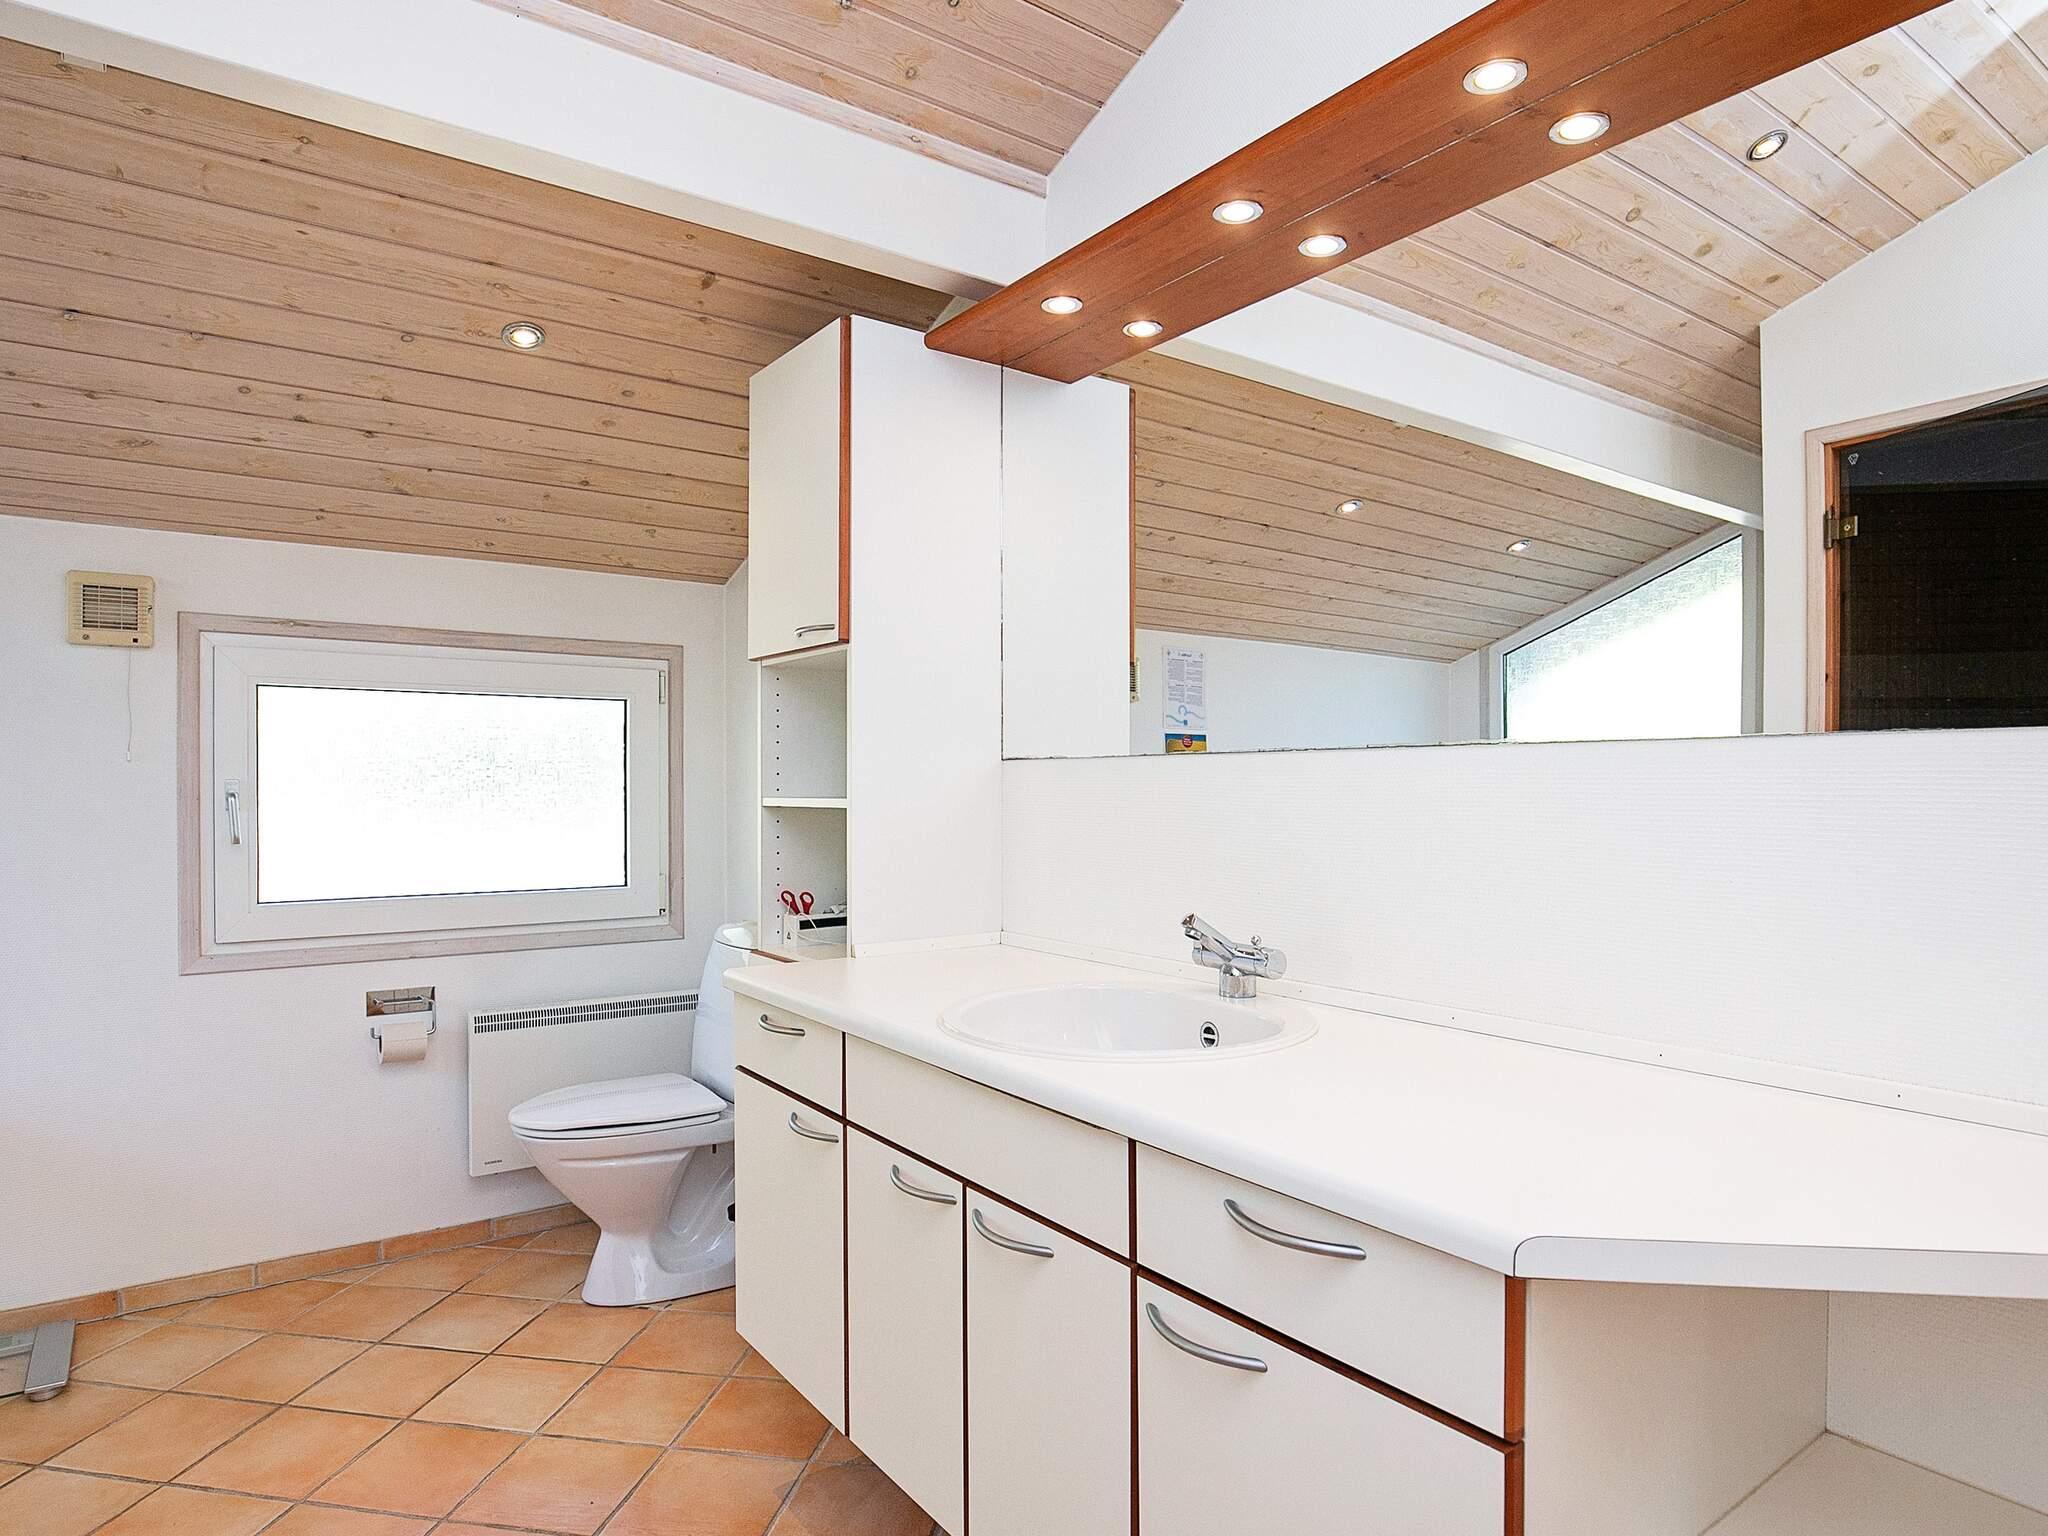 Ferienhaus Lodskovvad (314840), Lodskovvad, , Nordostjütland, Dänemark, Bild 13